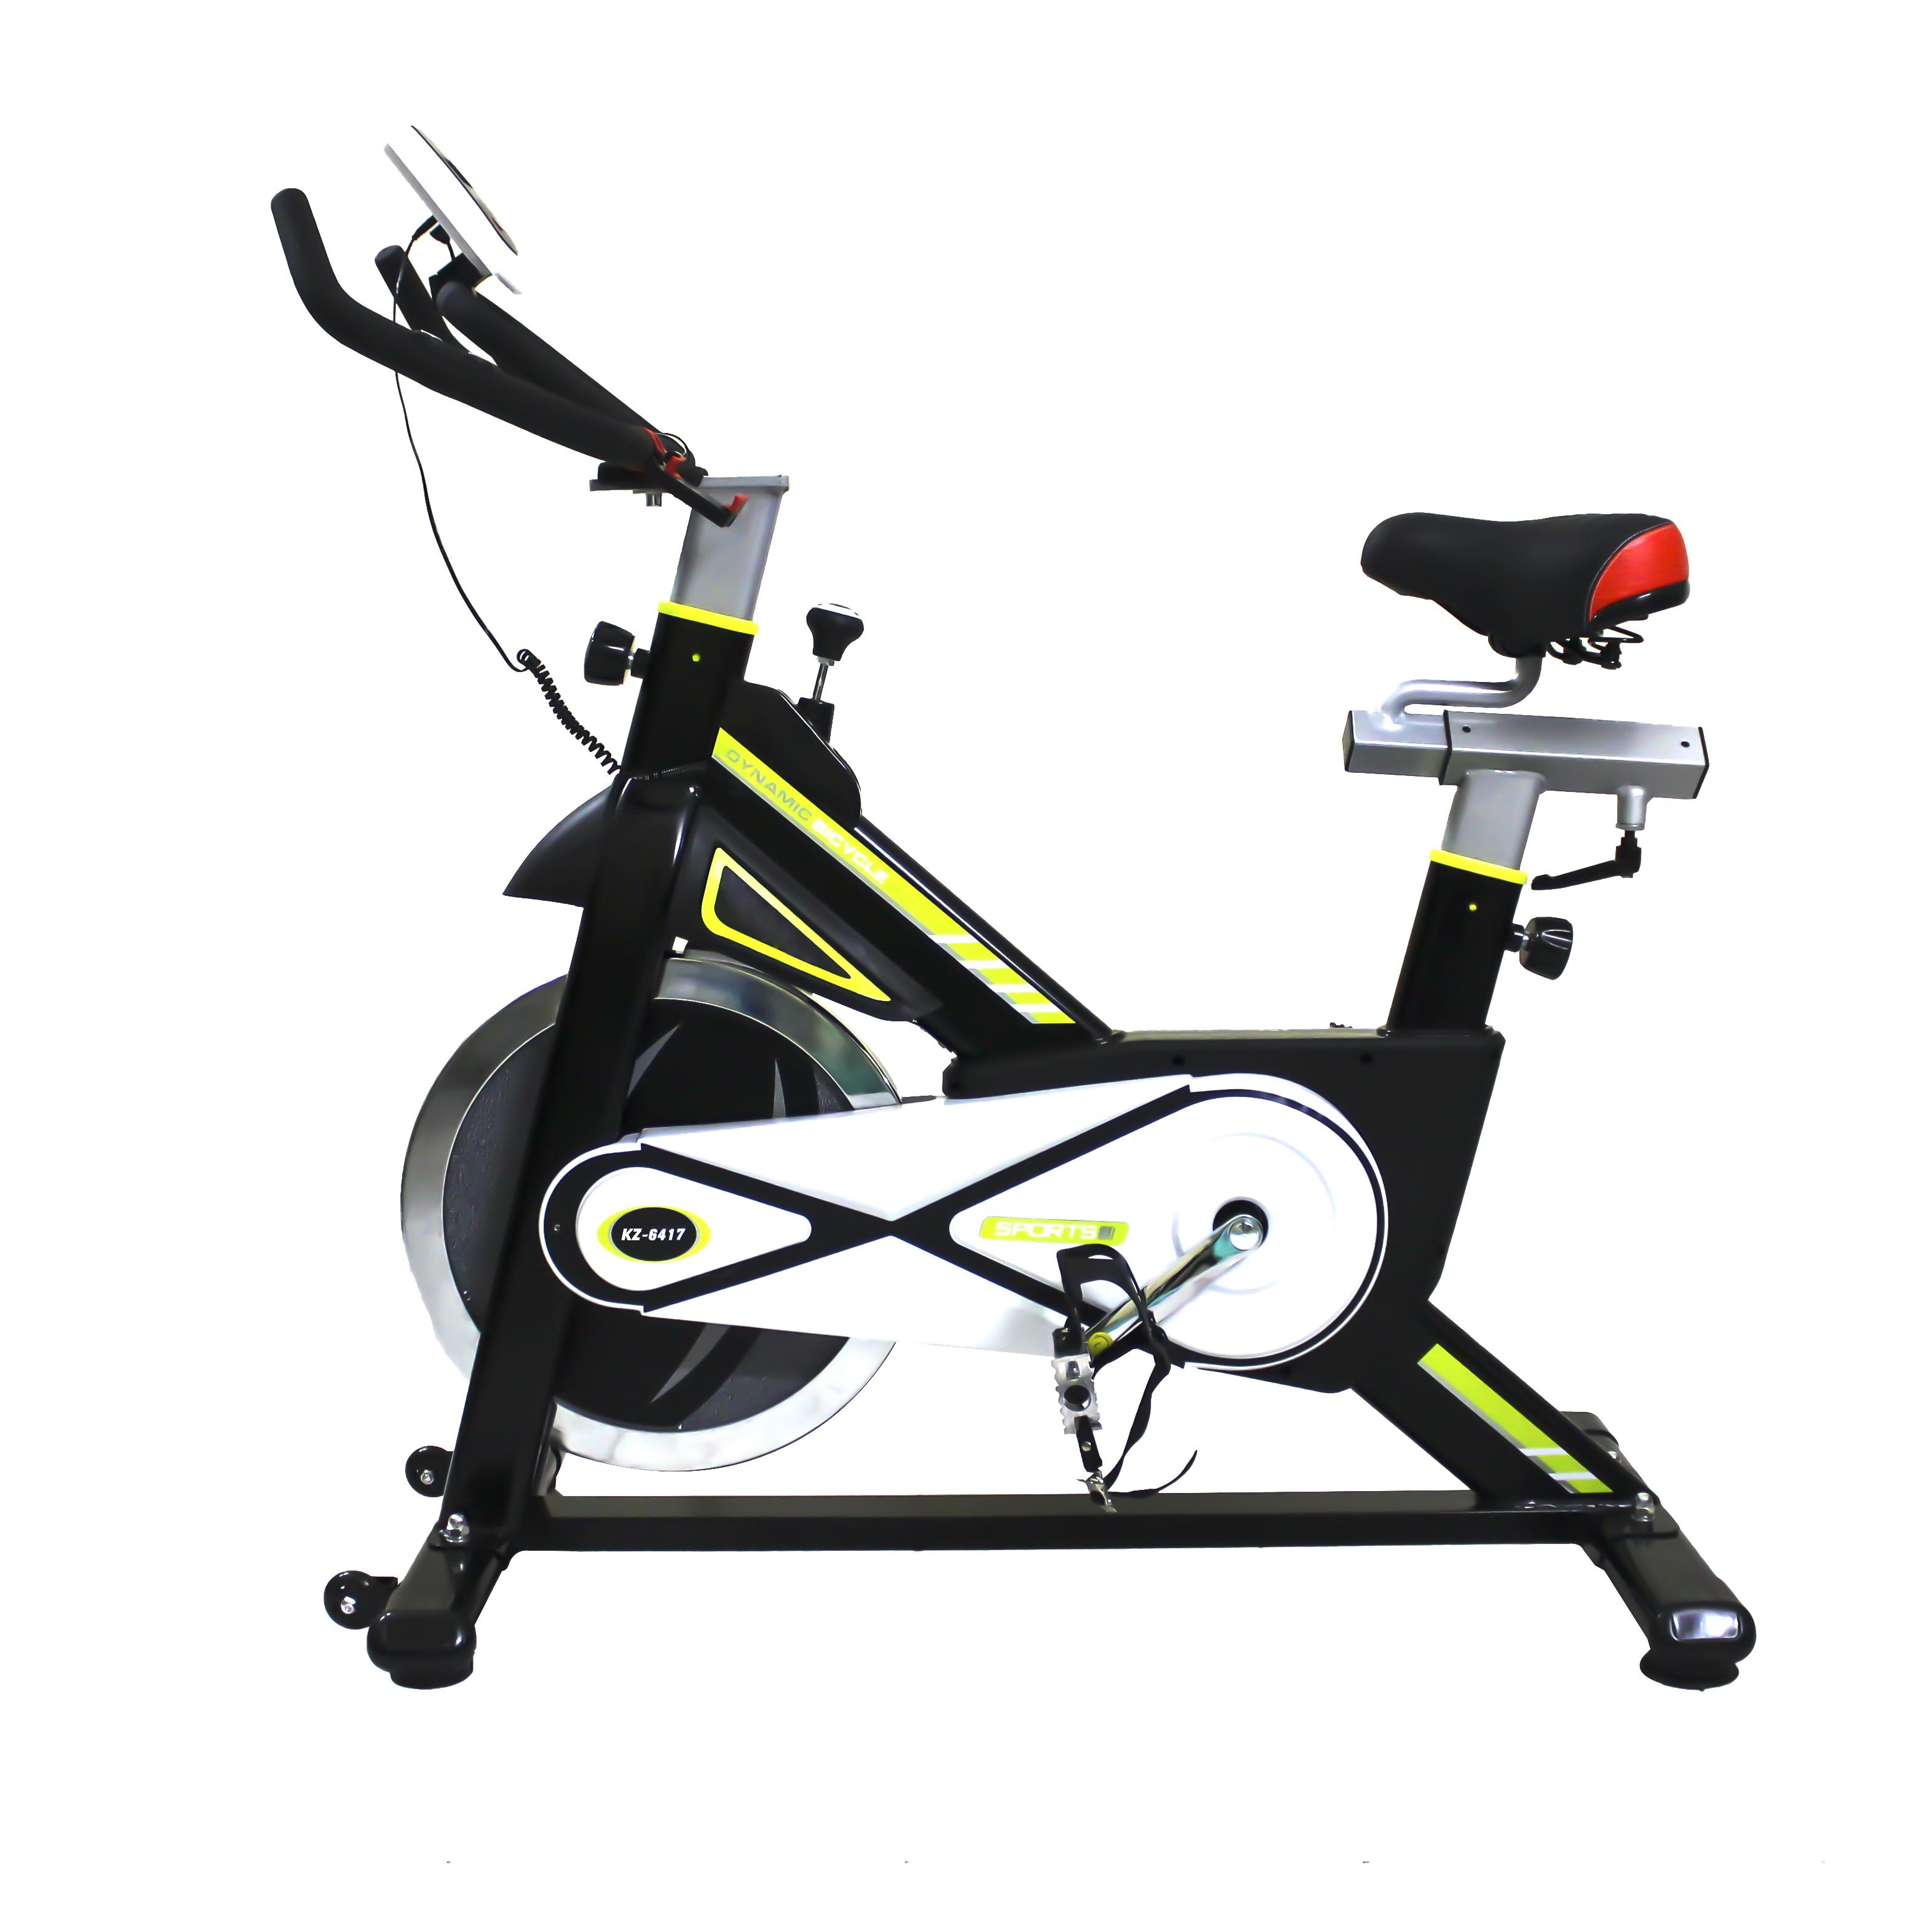 kz 6417 1533022233181 - Xe đạp tập thể dục KZ 6417